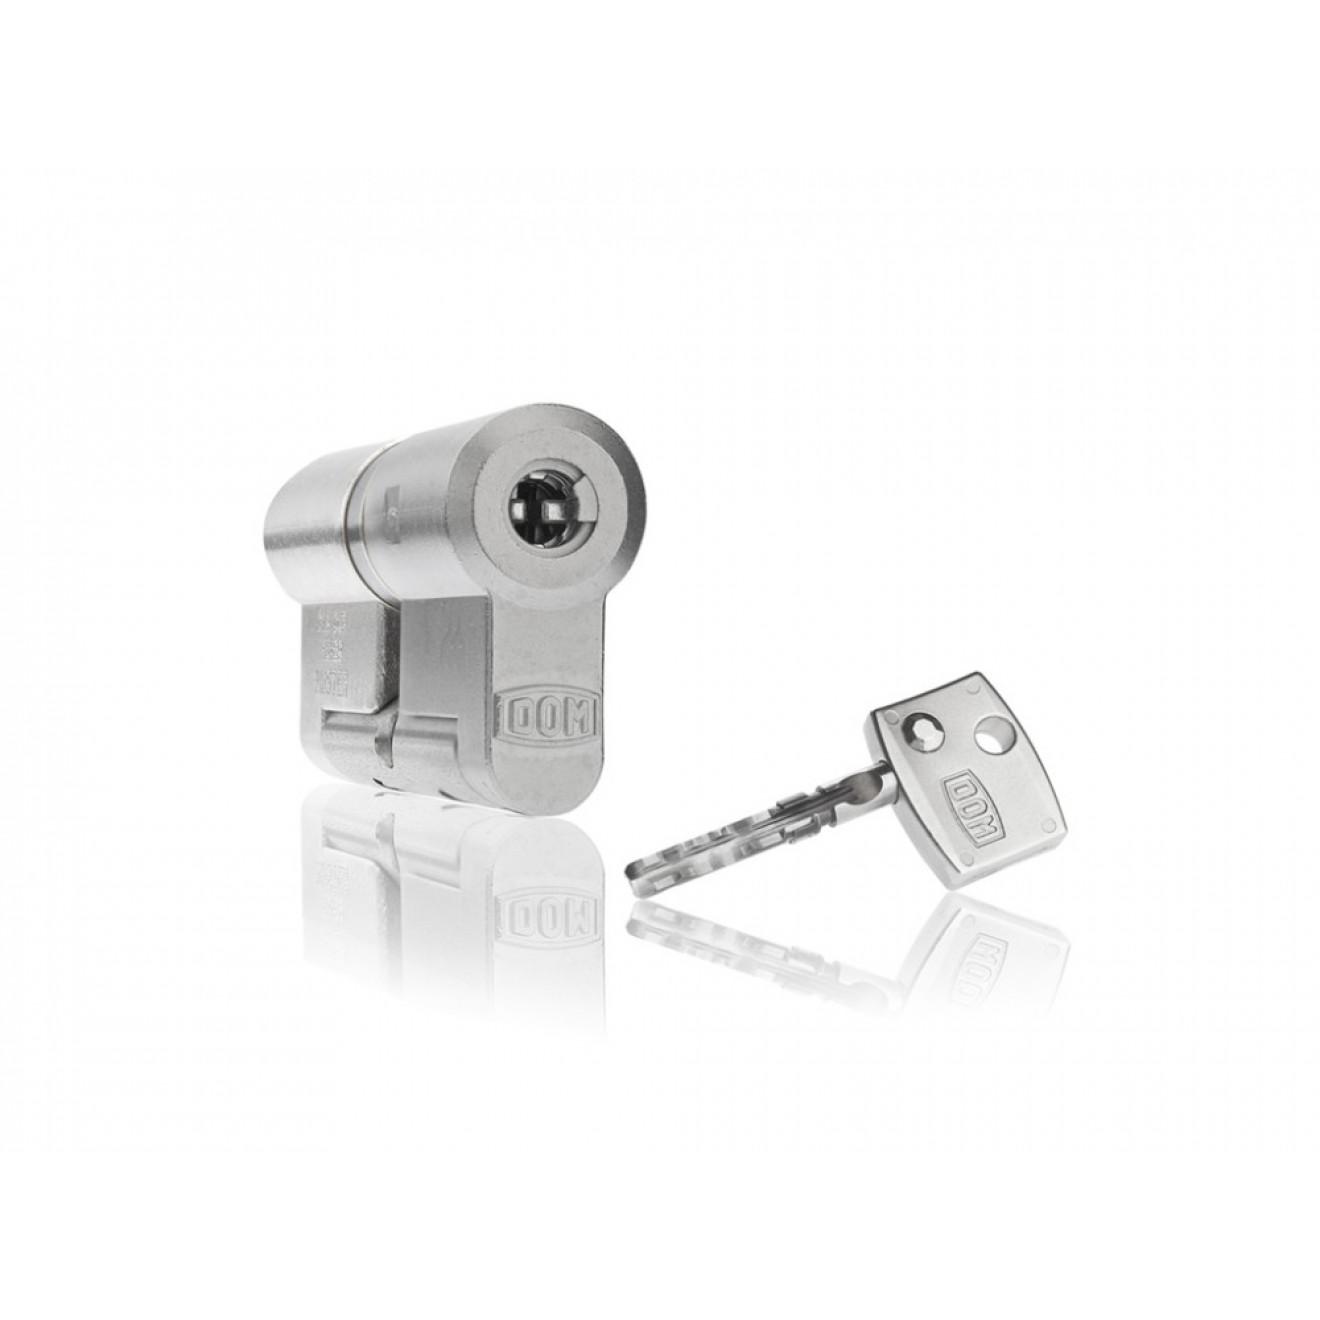 diamant schlie zylinder mit schl sseln und sicherungskarte. Black Bedroom Furniture Sets. Home Design Ideas